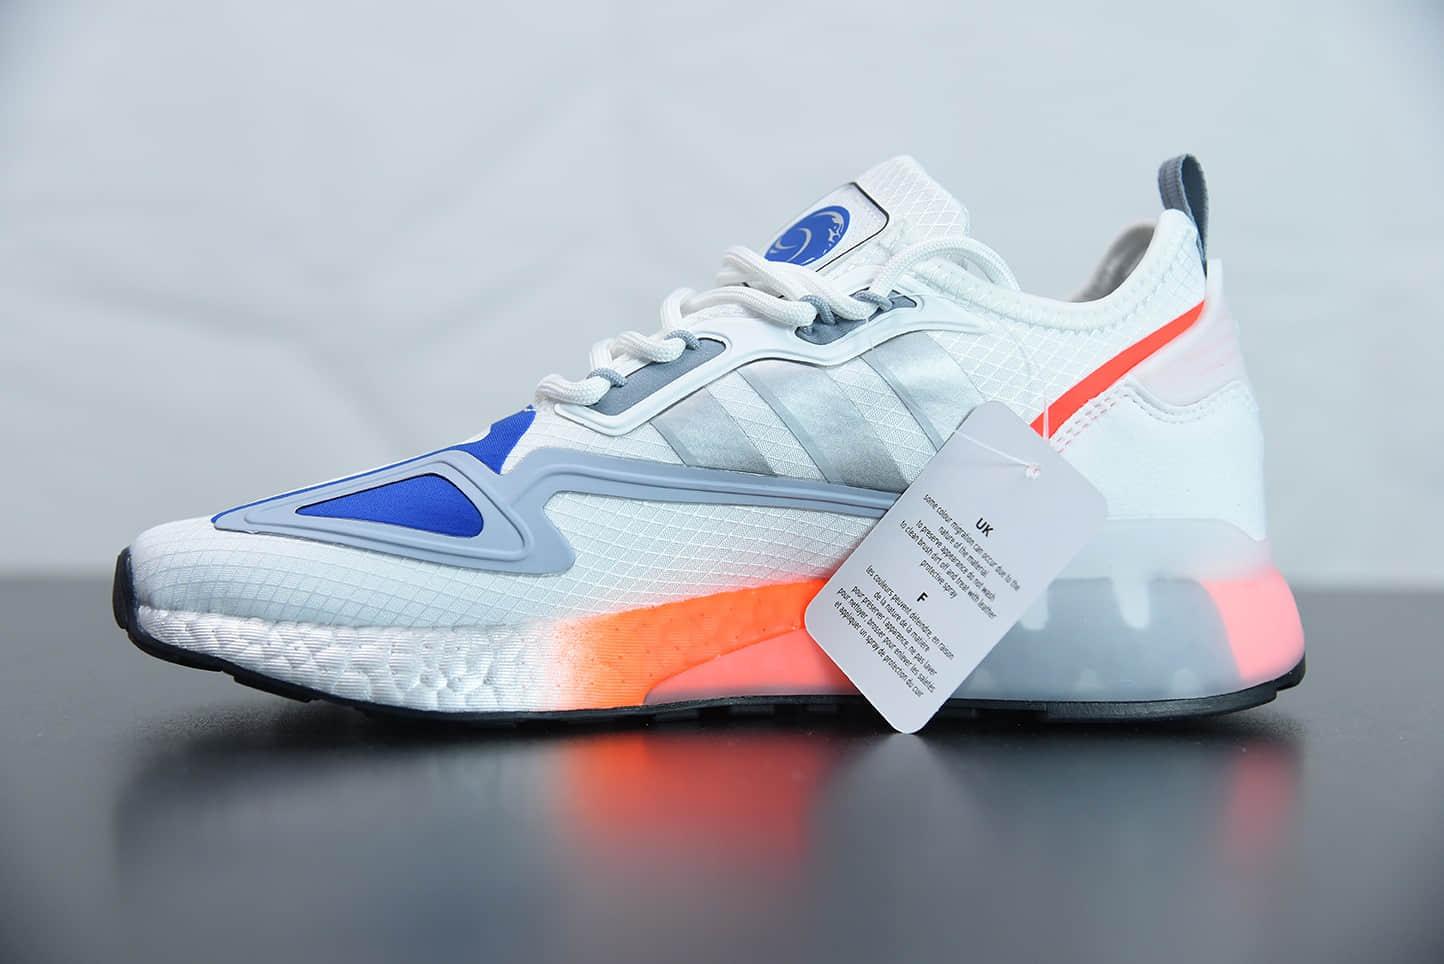 阿迪达斯Adidas Originals ZX 2K Boost易烊千玺同款蓝橙 Nasa联名全新爆米花缓震休闲运动跑鞋纯原版本 货号:FX5725